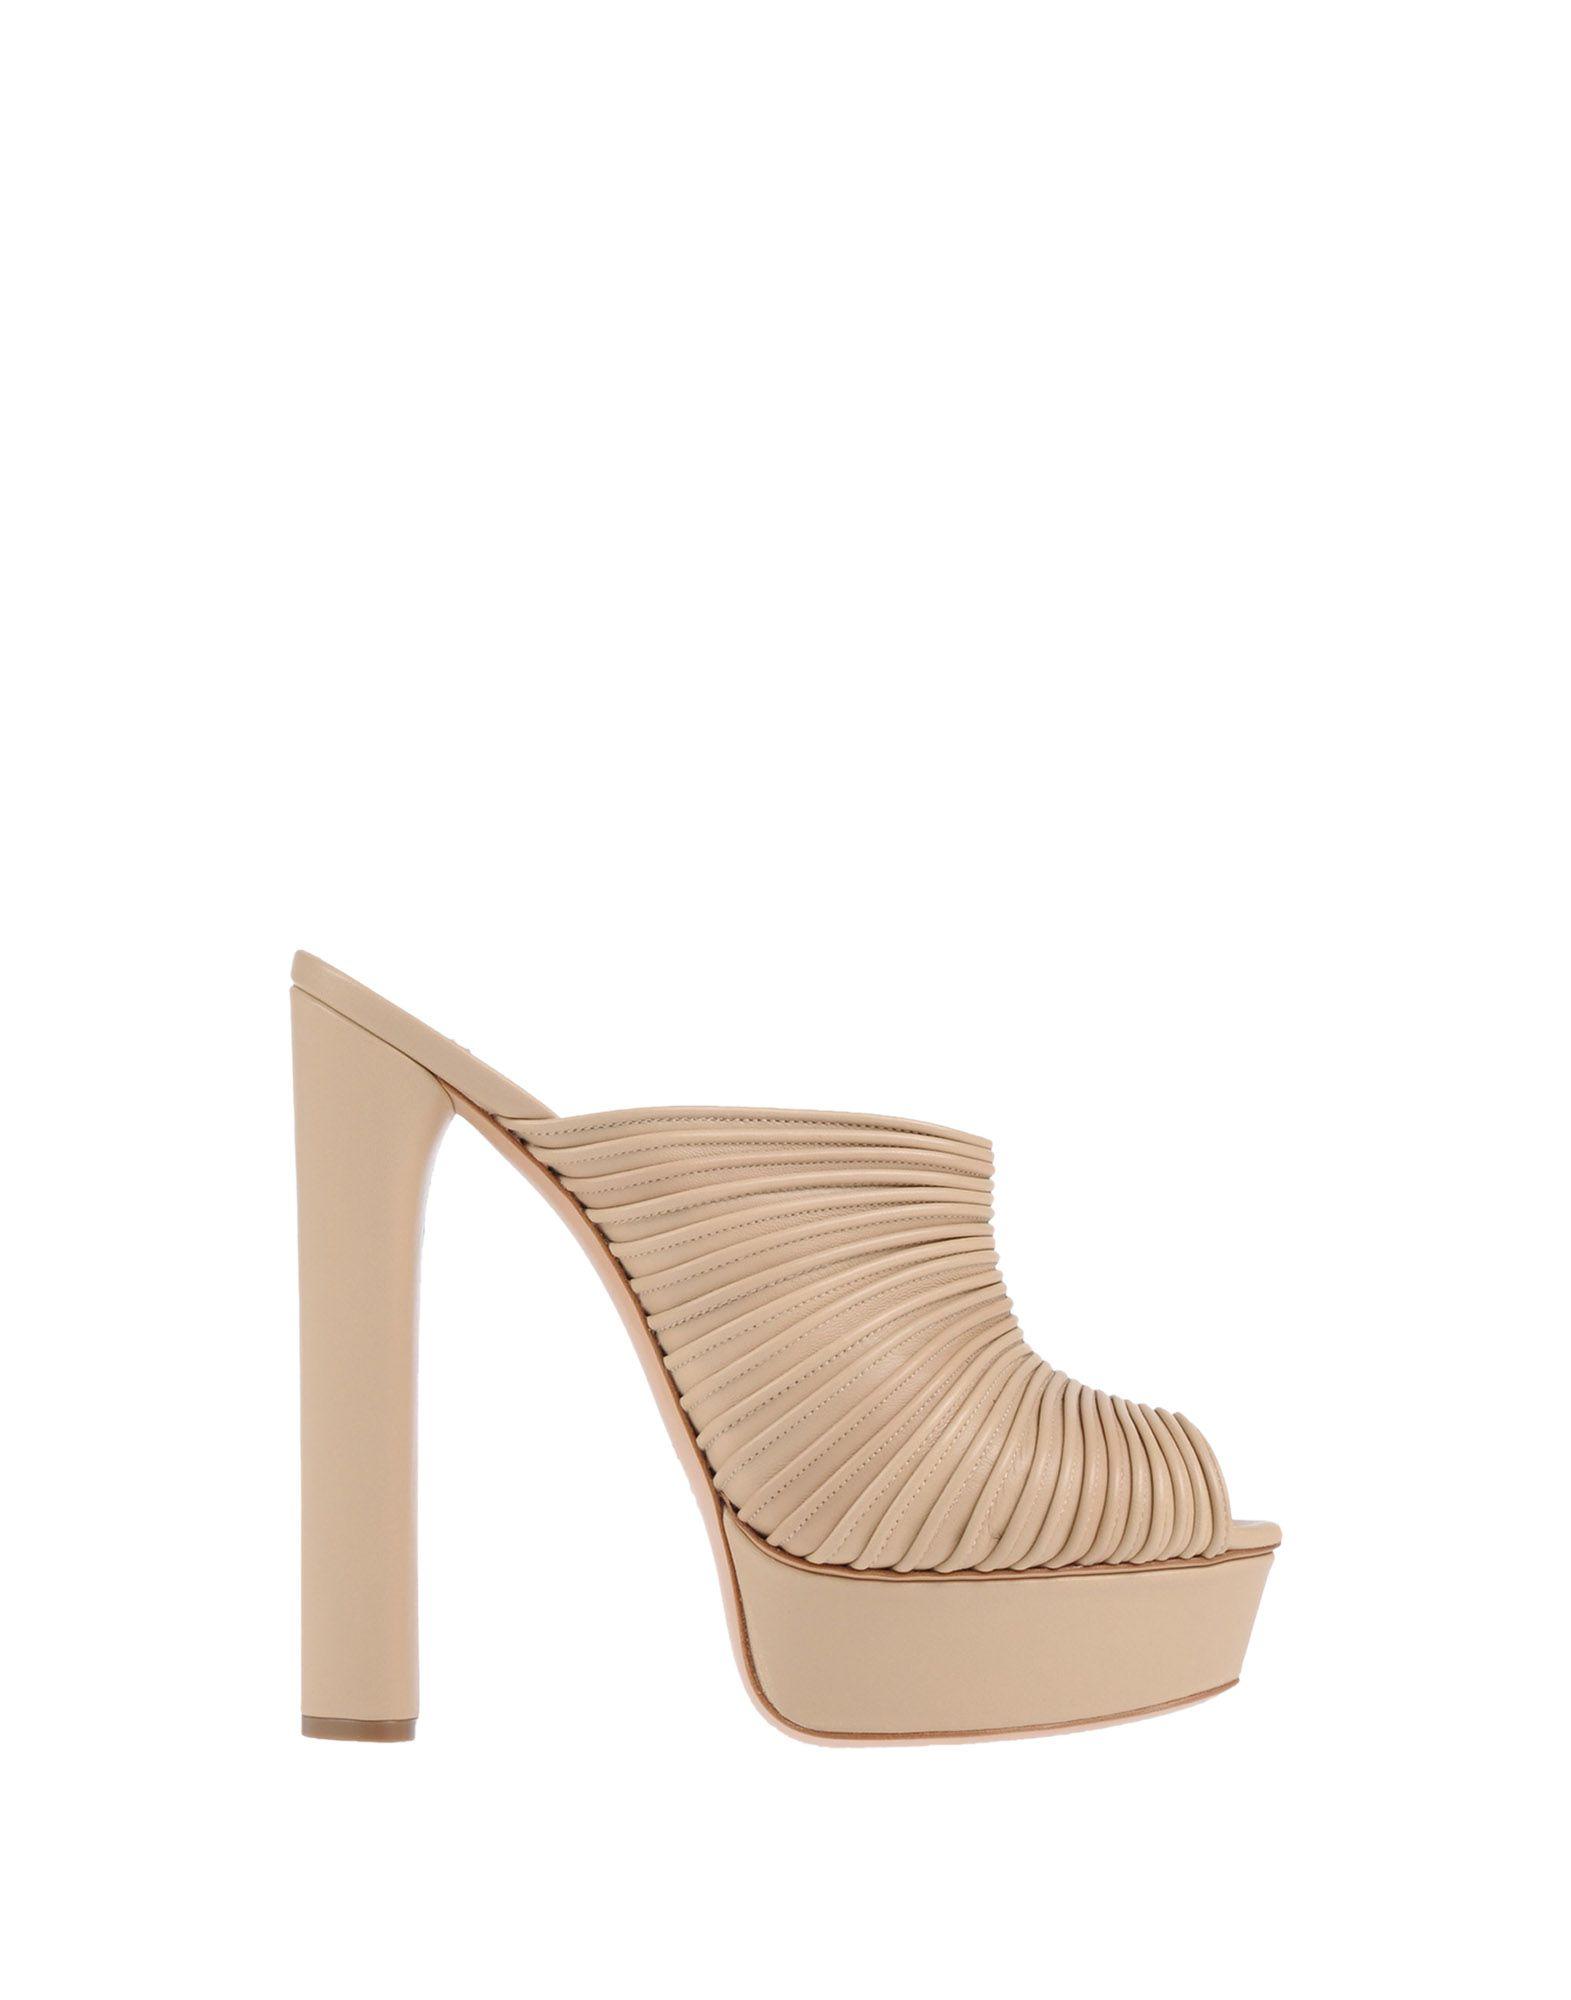 Casadei Sandalen aussehende Damen  11450887UEGünstige gut aussehende Sandalen Schuhe f0144d